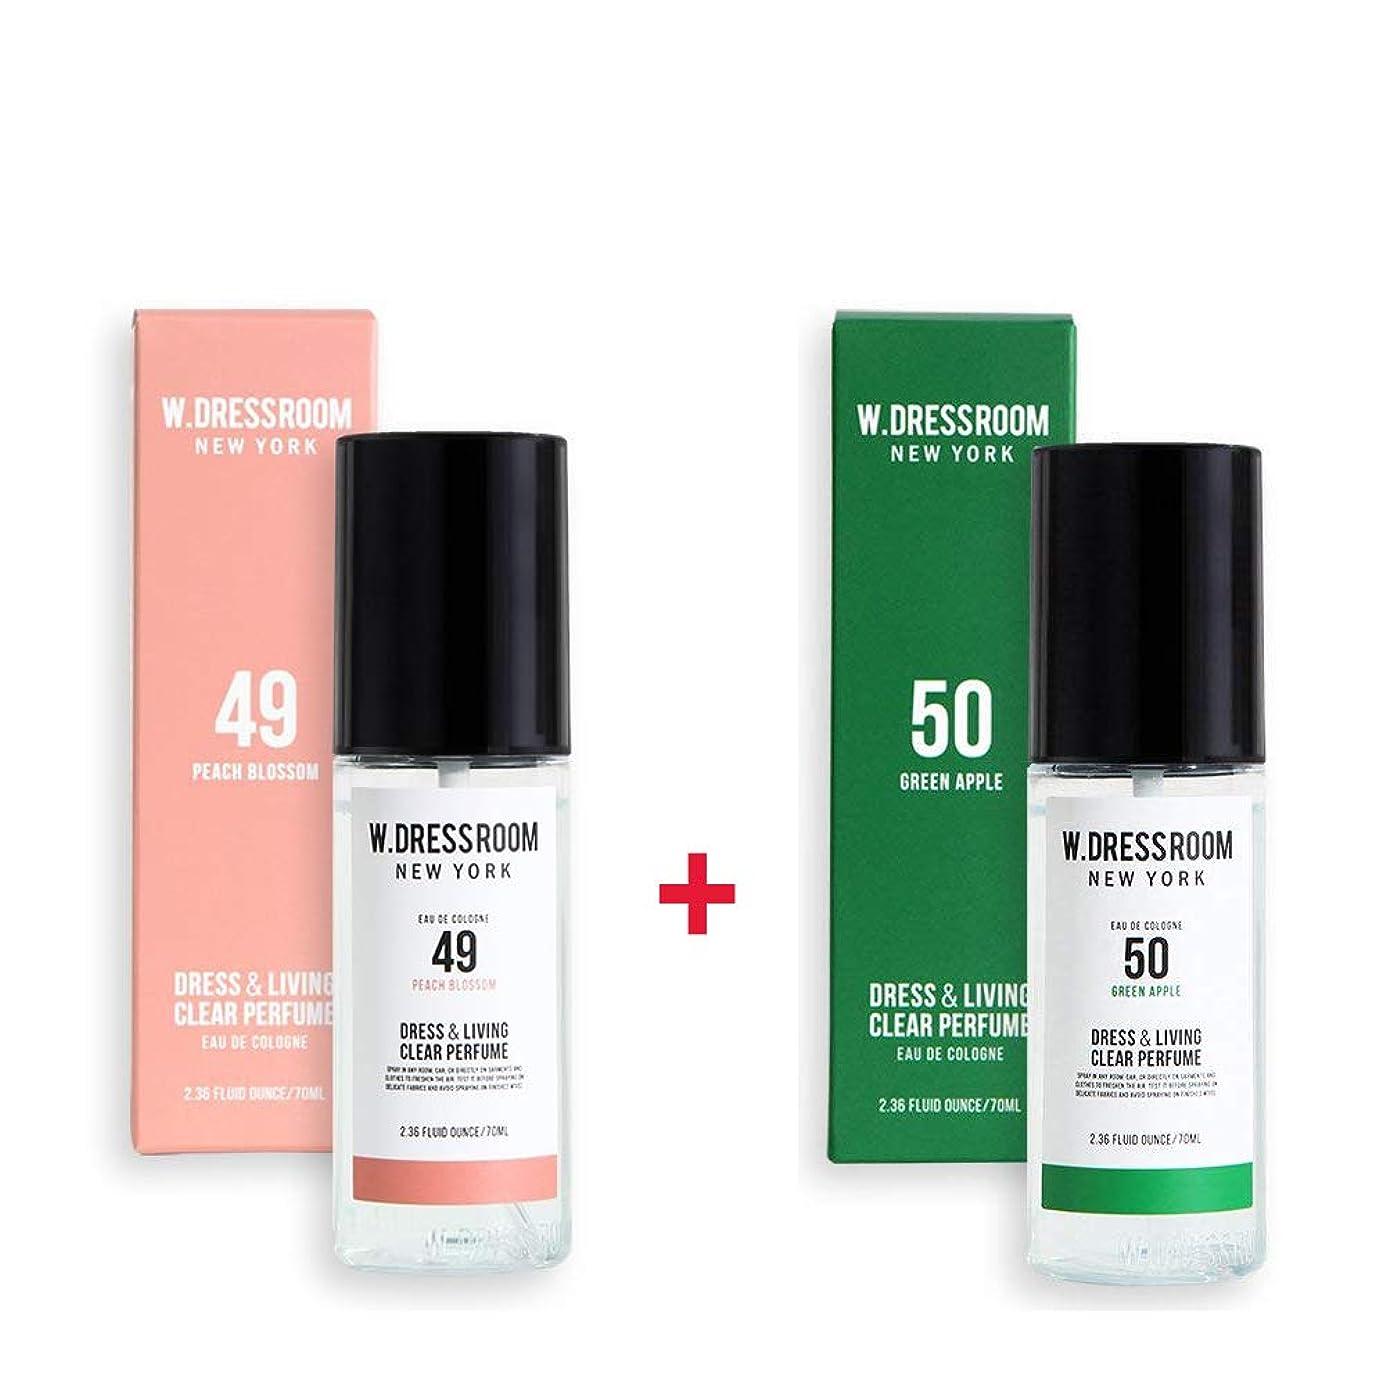 眠っているキャベツむき出しW.DRESSROOM Dress & Living Clear Perfume 70ml (No 49 Peach Blossom)+(No 50 Green Apple)